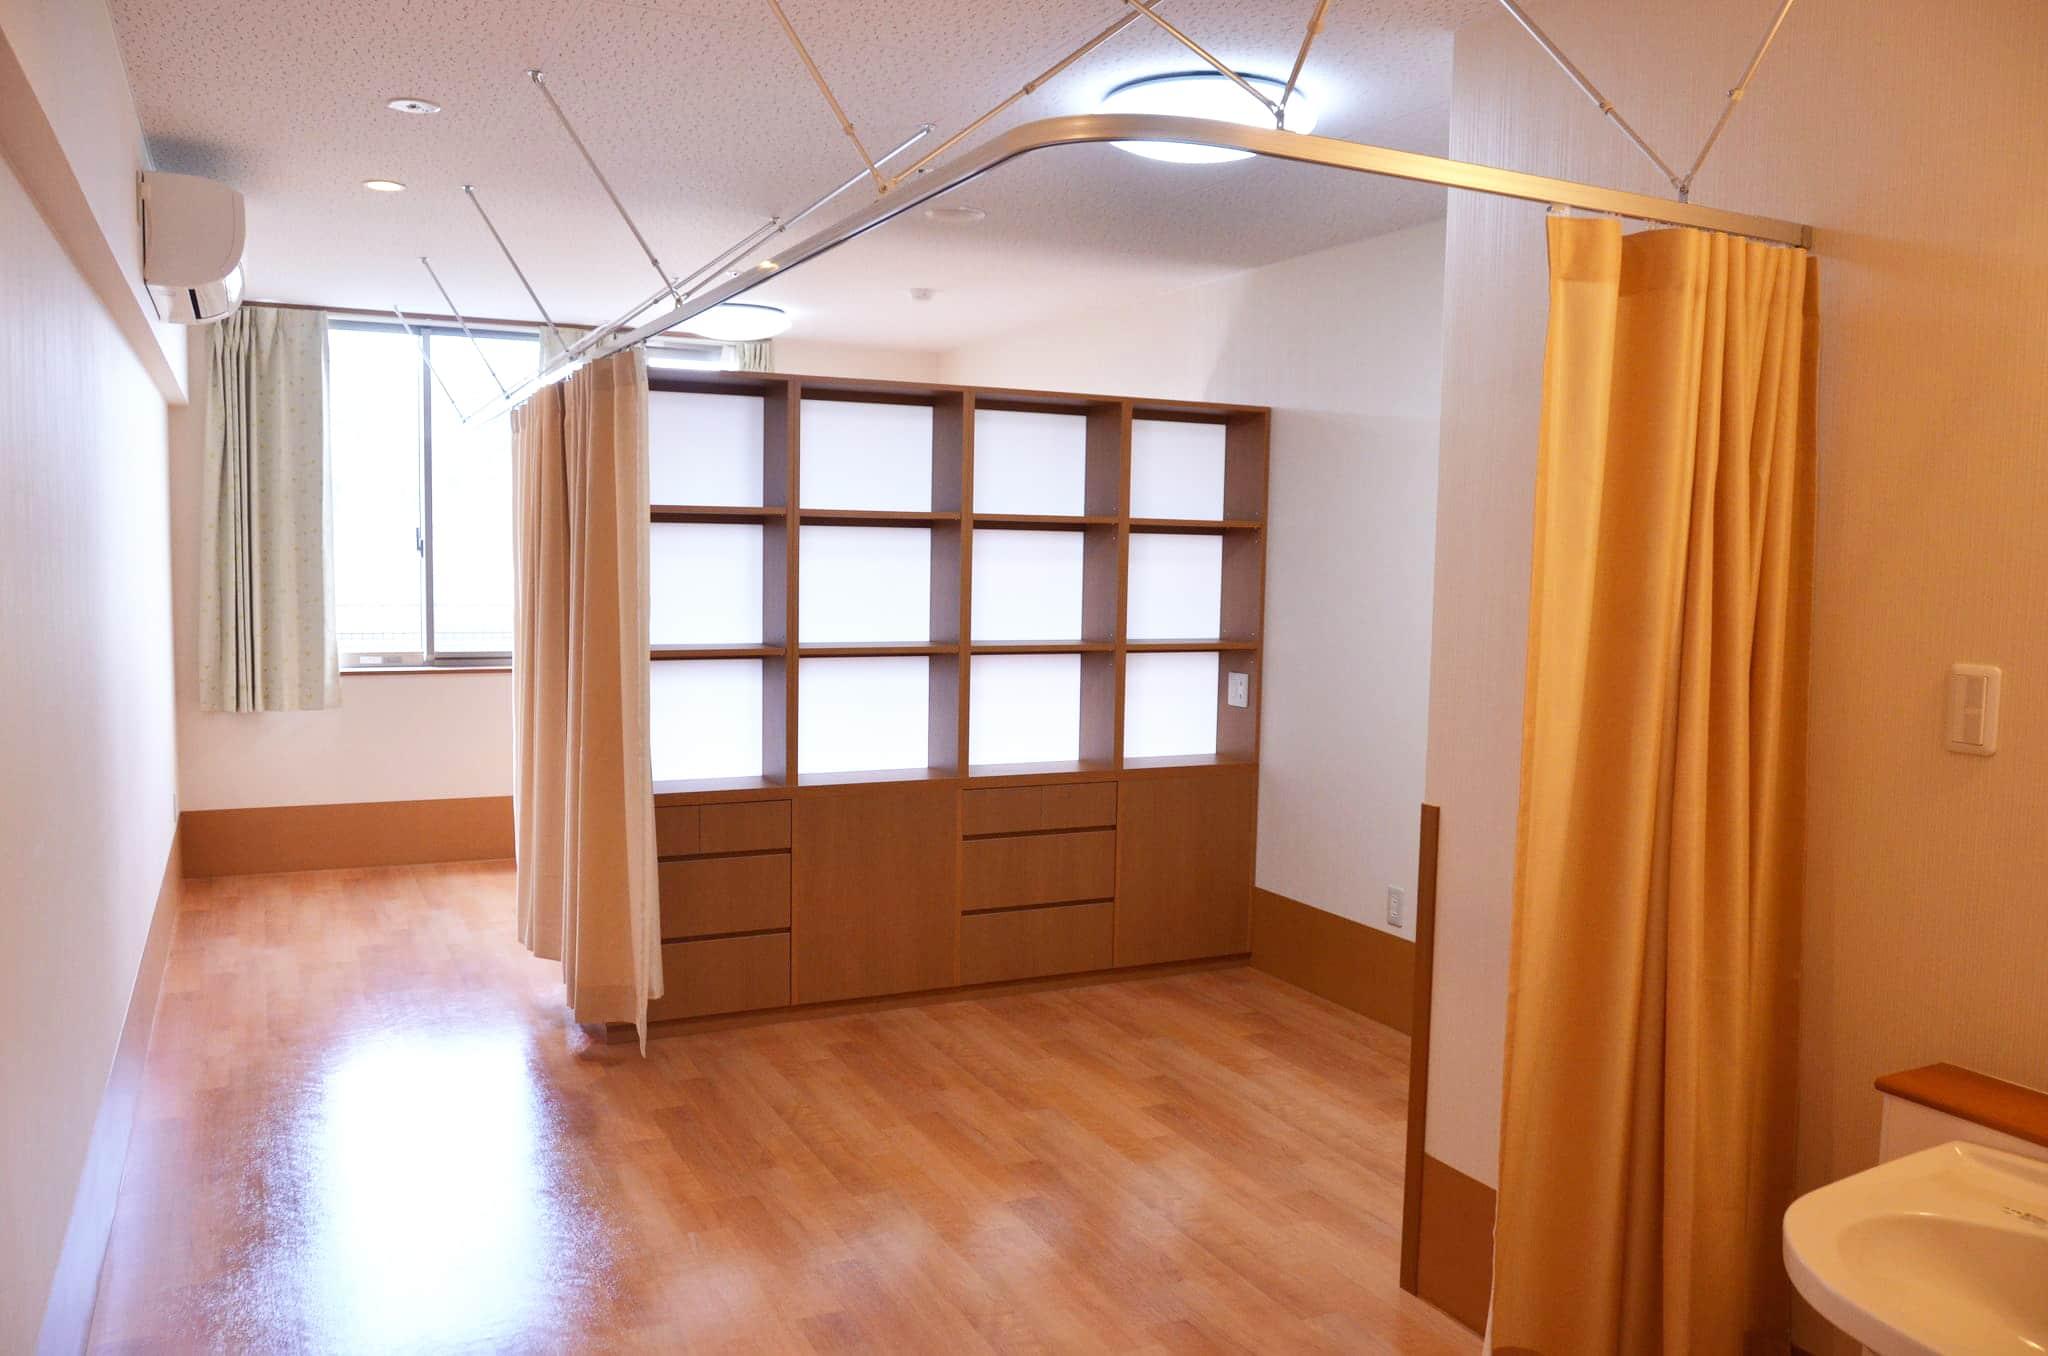 2F / 居室(二人部屋)